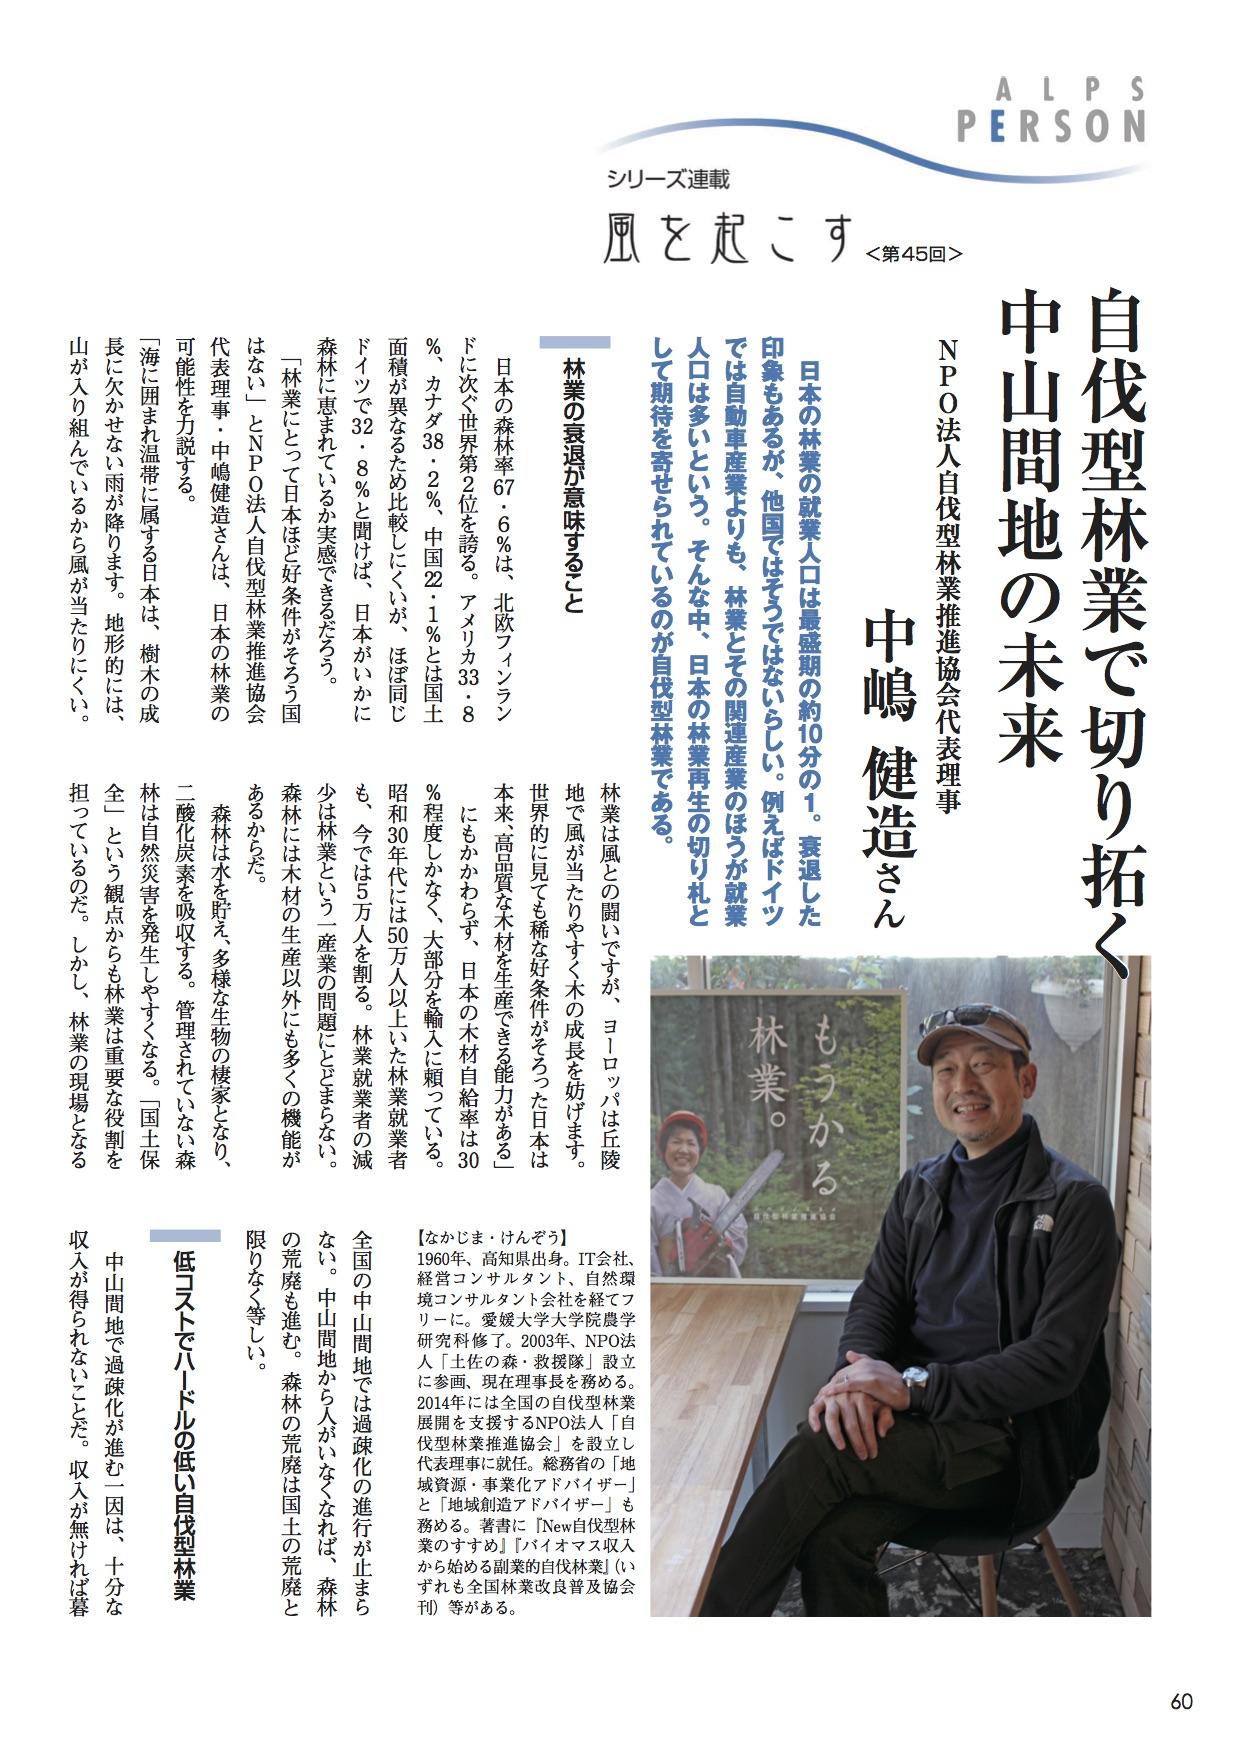 「日本の林業再生の切り札として期待を寄せられている」雑誌「ALPS」に掲載されました。